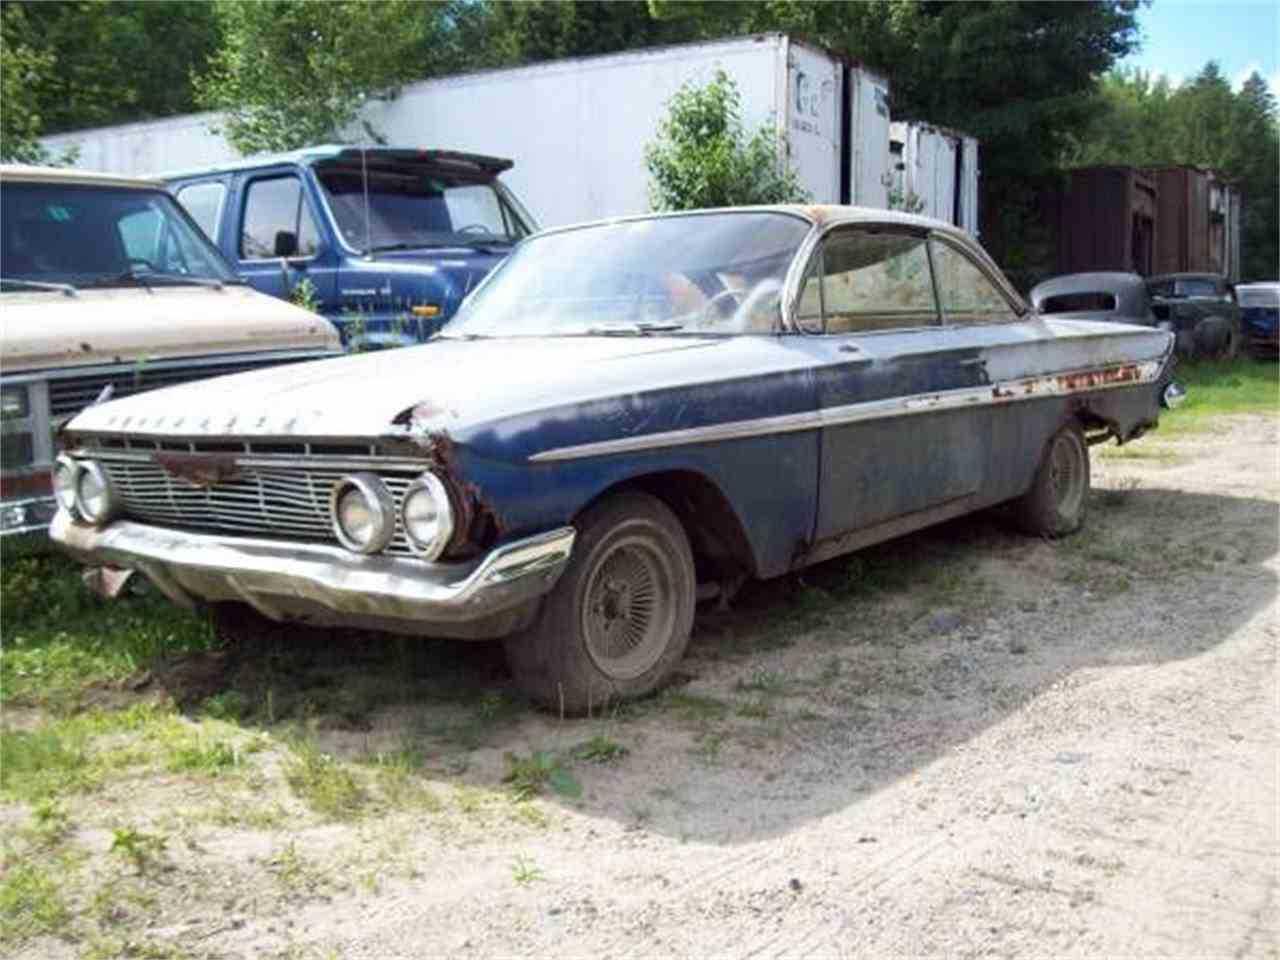 1961 Chevrolet Impala For Sale In Cadillac Mi Bubble Top